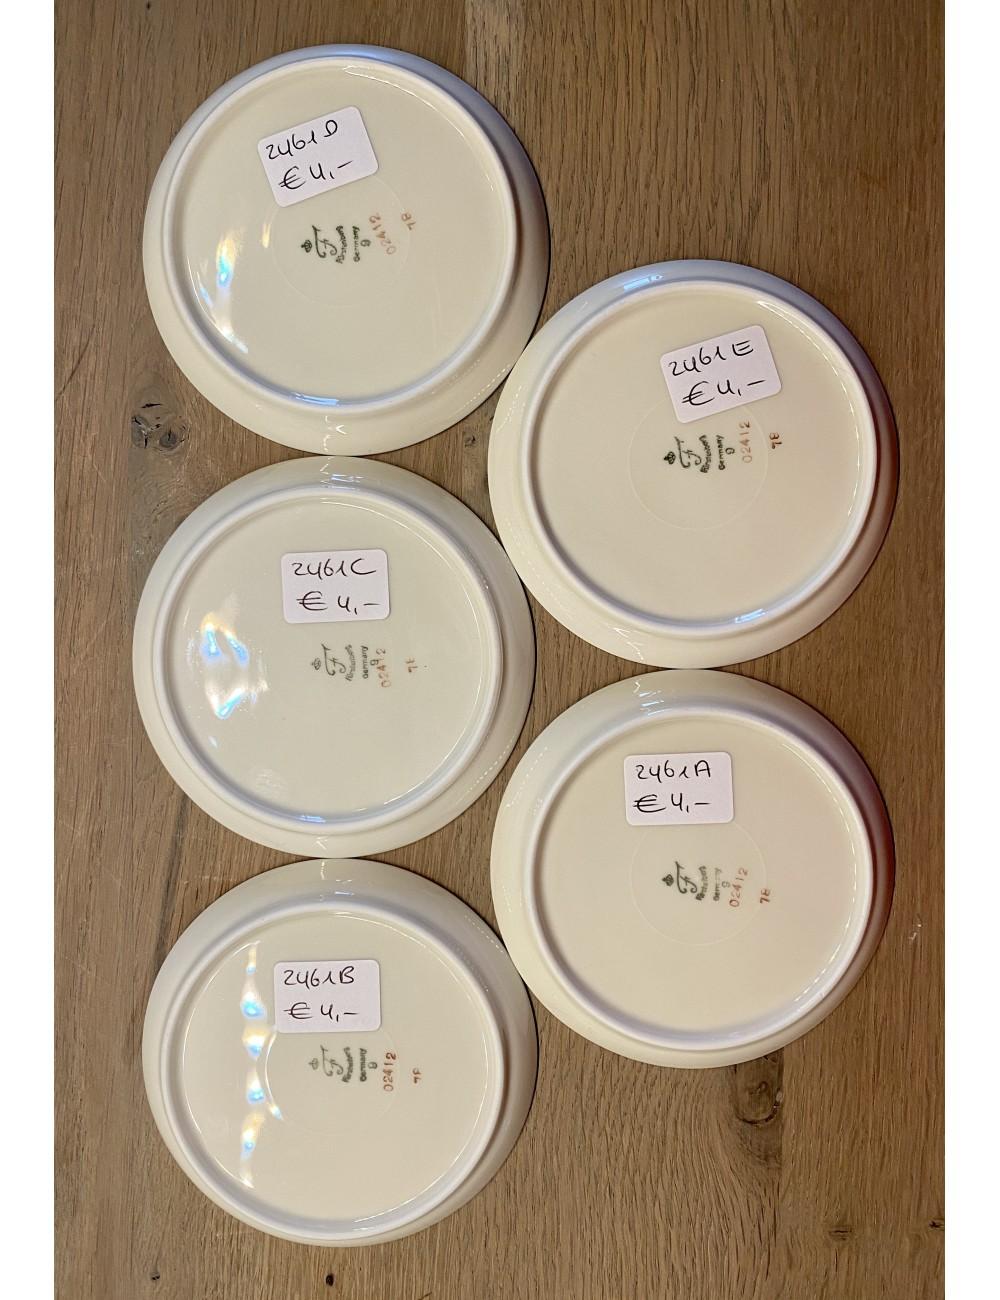 Koffiefilter / Schnellfilter / filtra da caffè / filtre à café - 102 - MELITTA - geheel BRUIN / HONING kleur van binnen en buite